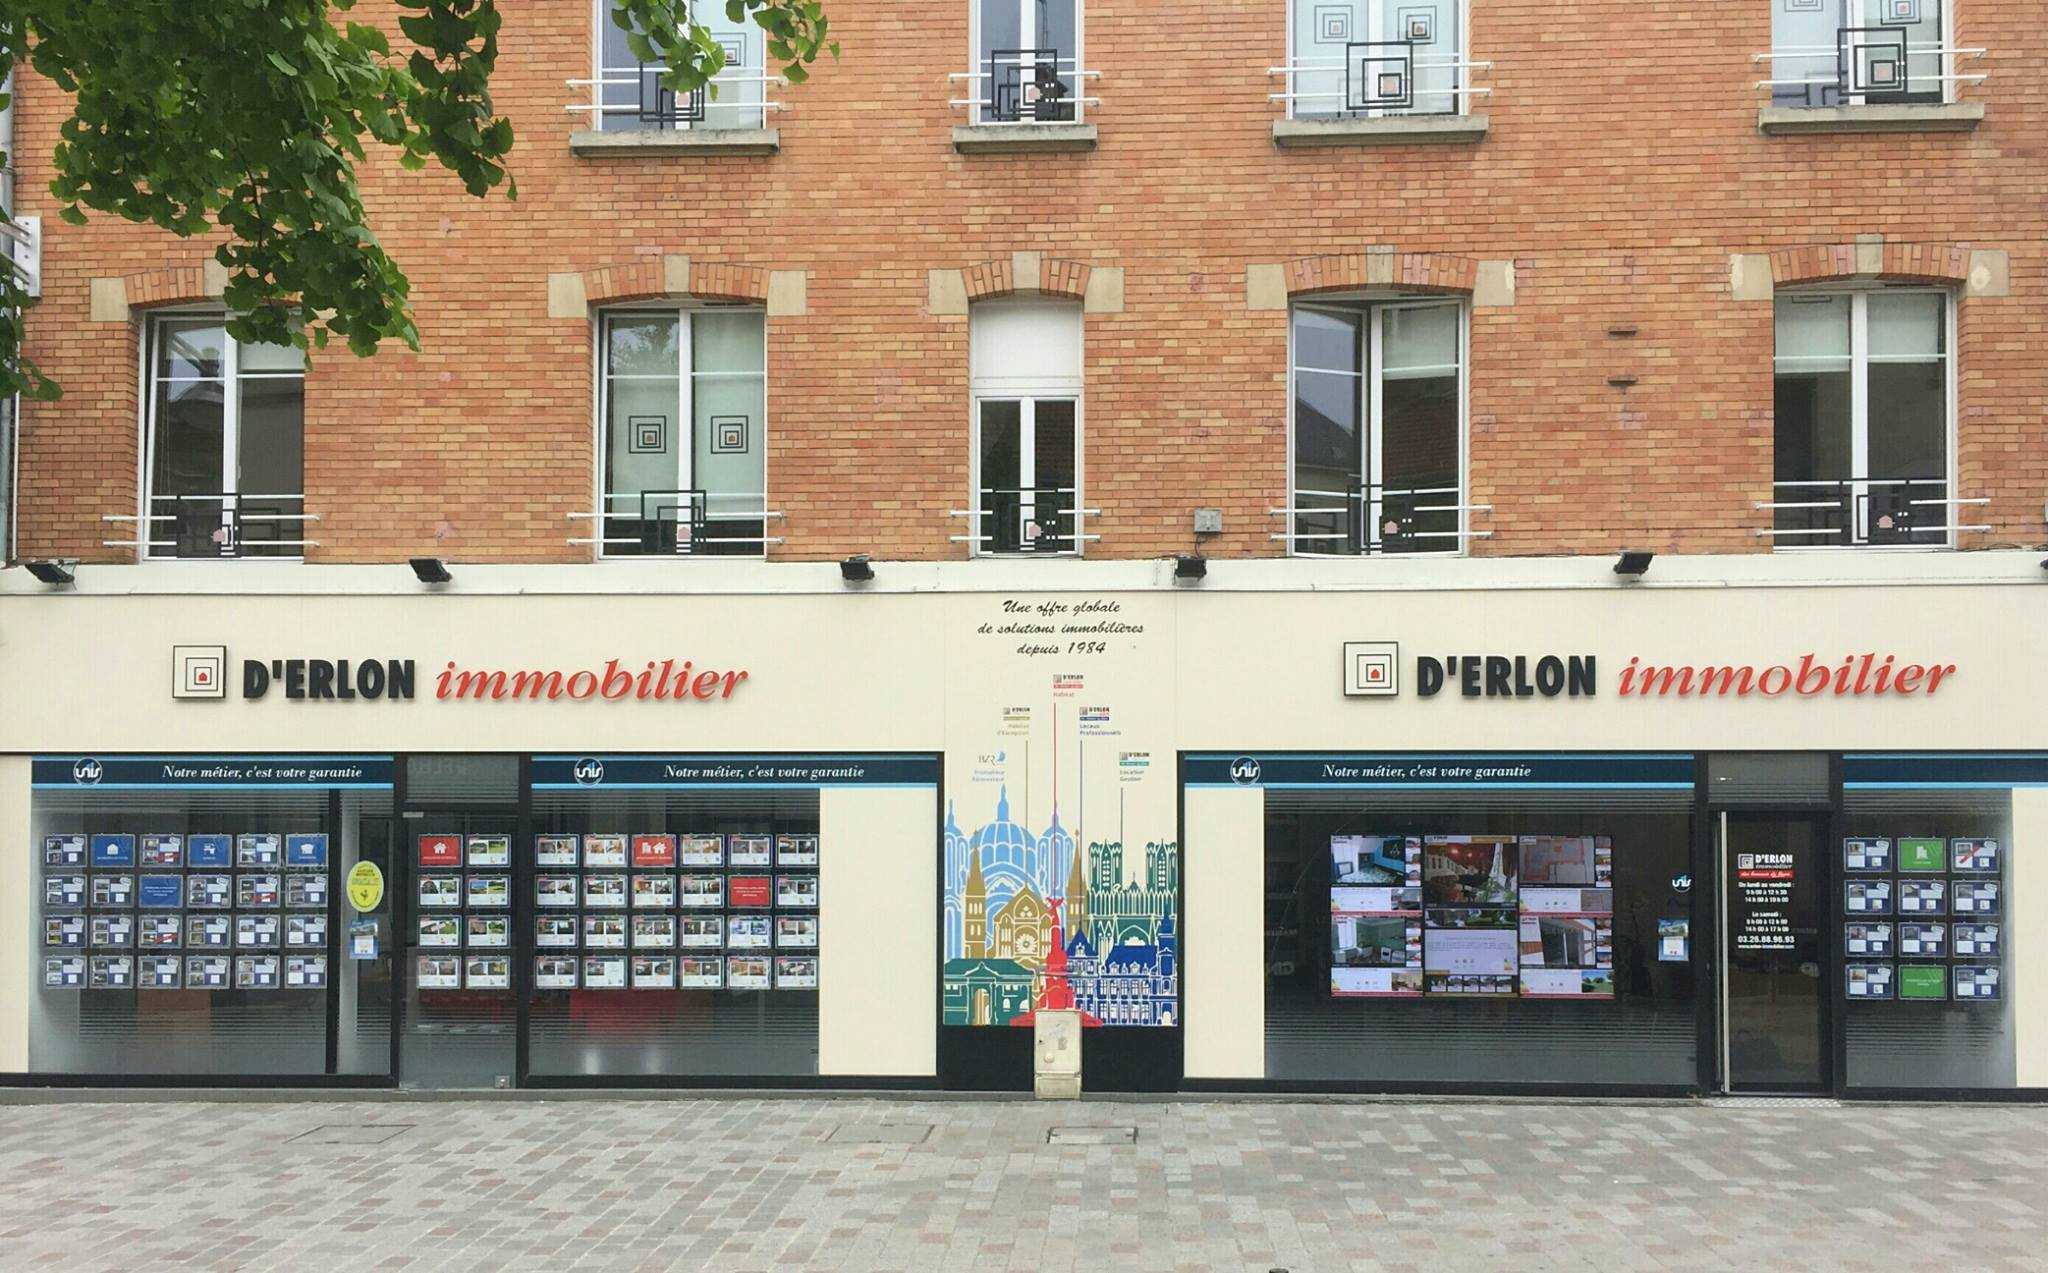 D'ERLON IMMOBILIER - Image